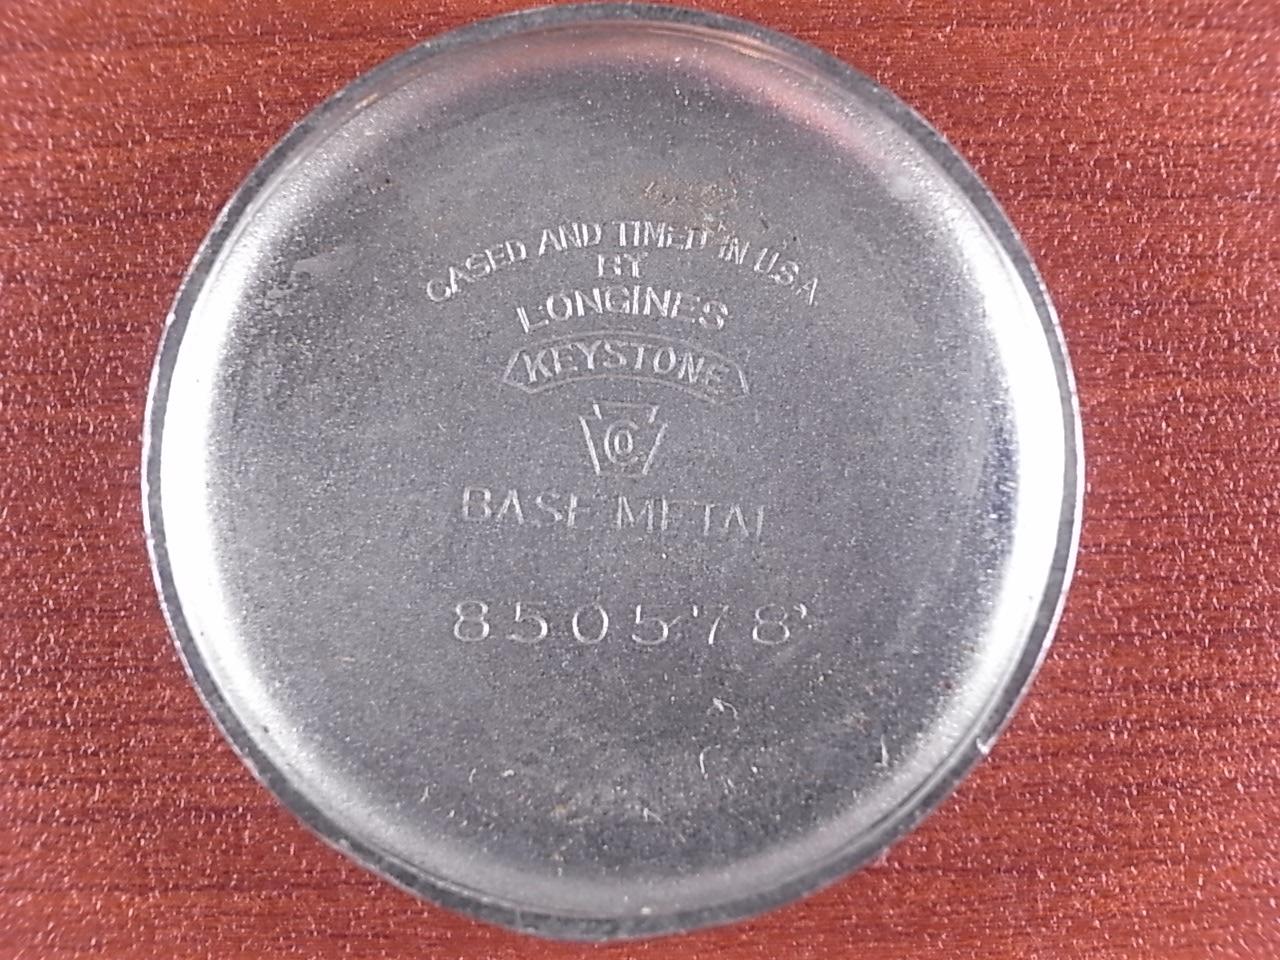 ロンジン ウィームス ブレゲインデックス ボーイズサイズ 1940年代の写真6枚目